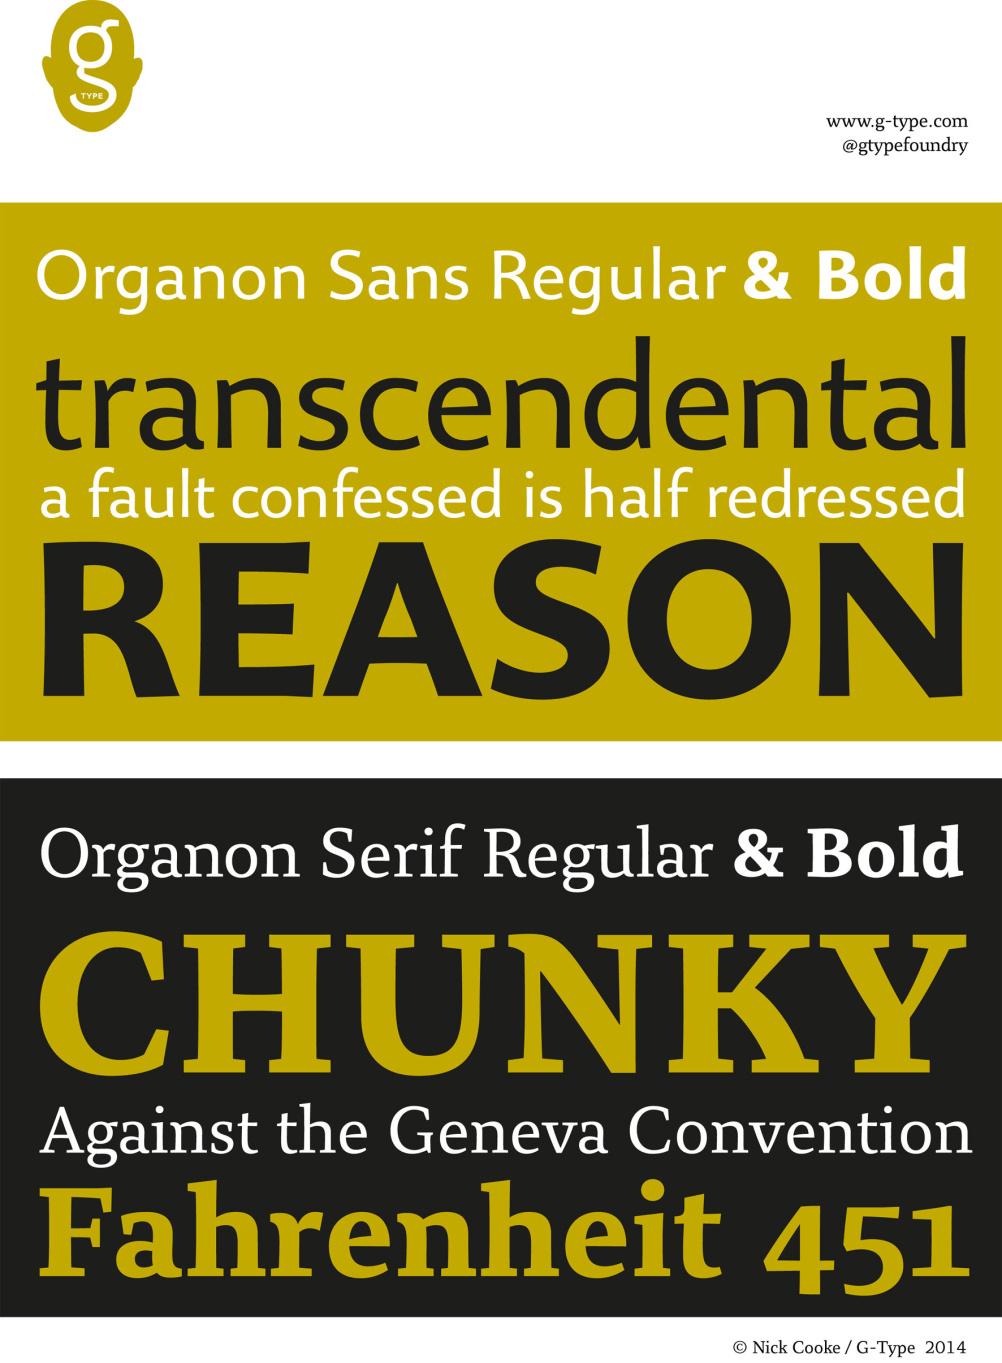 Organon